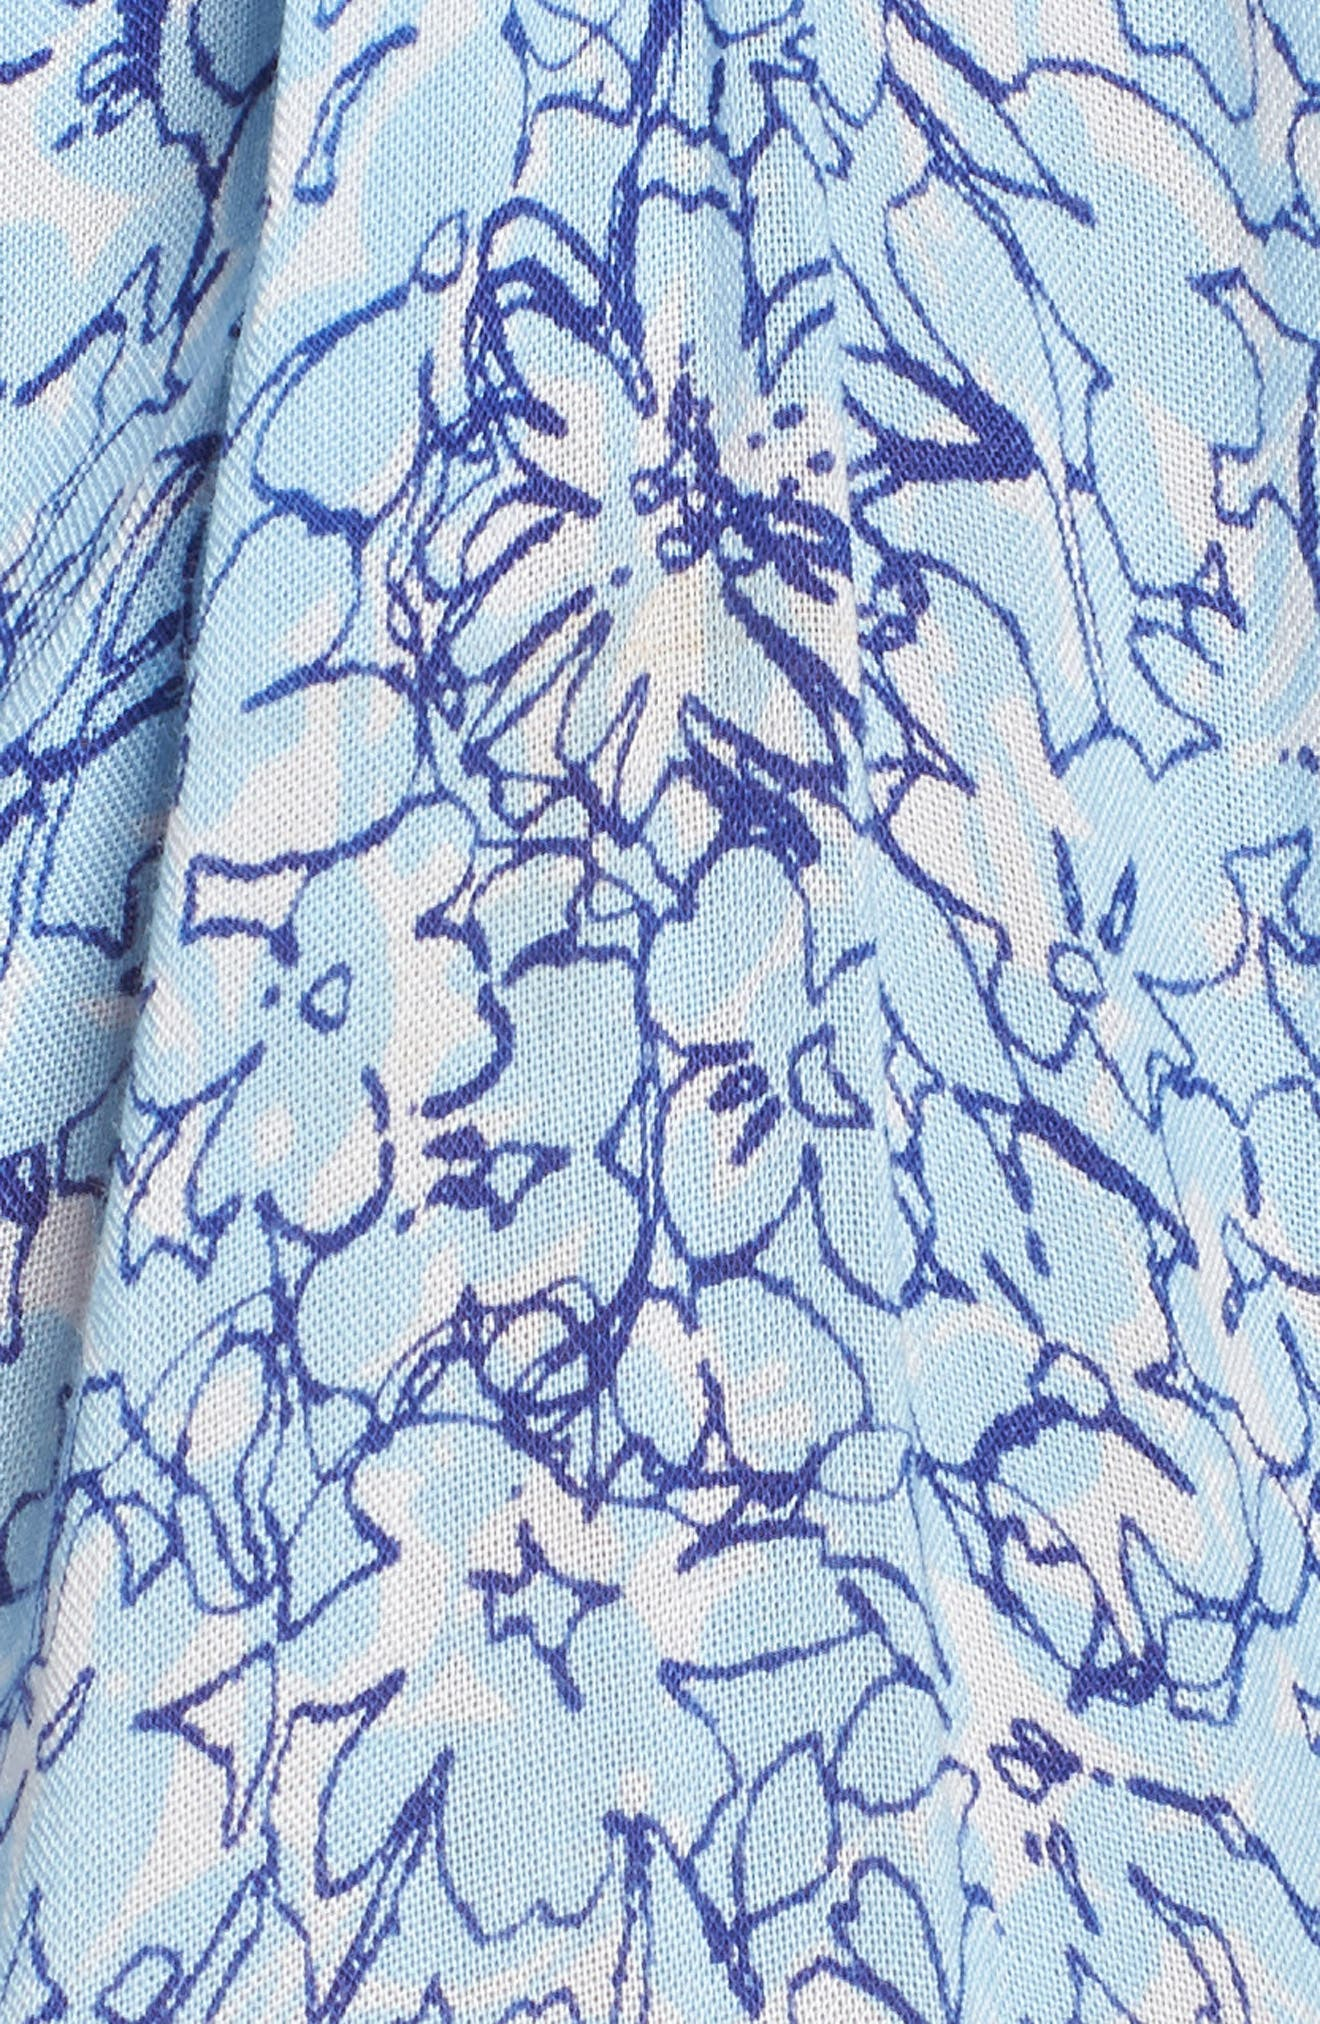 Poupette St. Barth Beline Cover-Up Dress,                             Alternate thumbnail 5, color,                             400